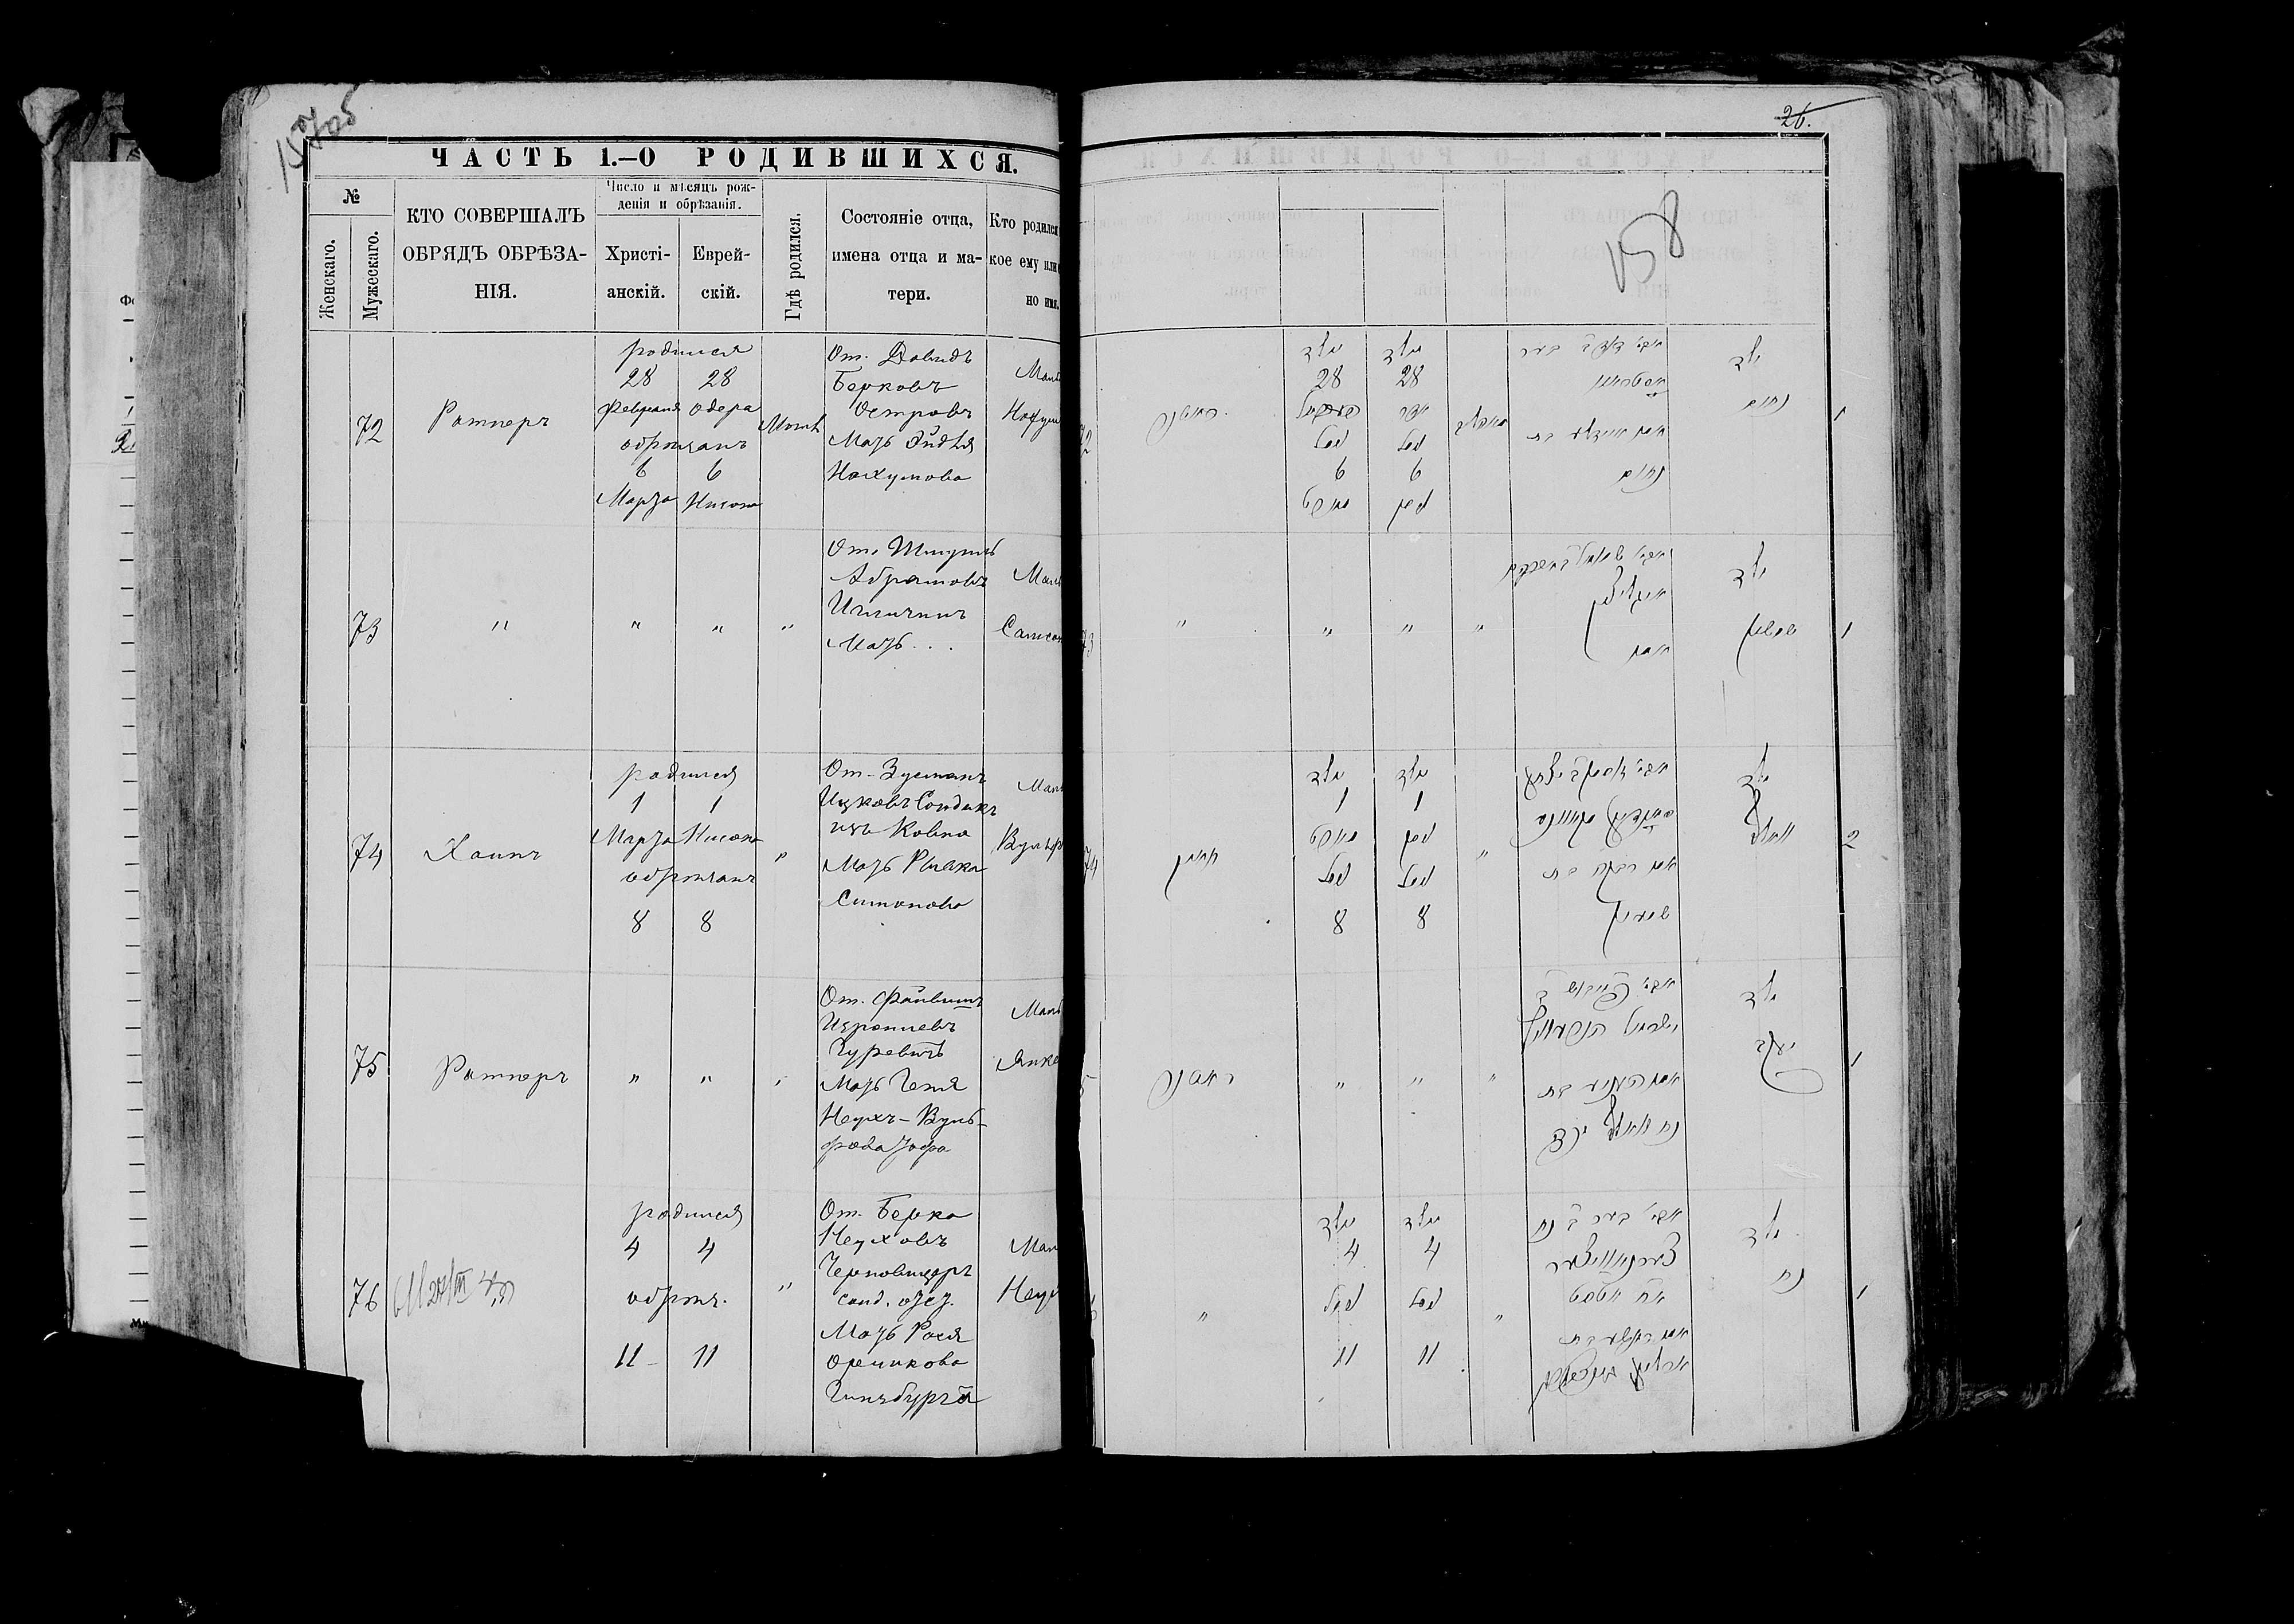 Нохум Остров 28 февраля 1888, запись 72, пленка 007766483, снимок 1012